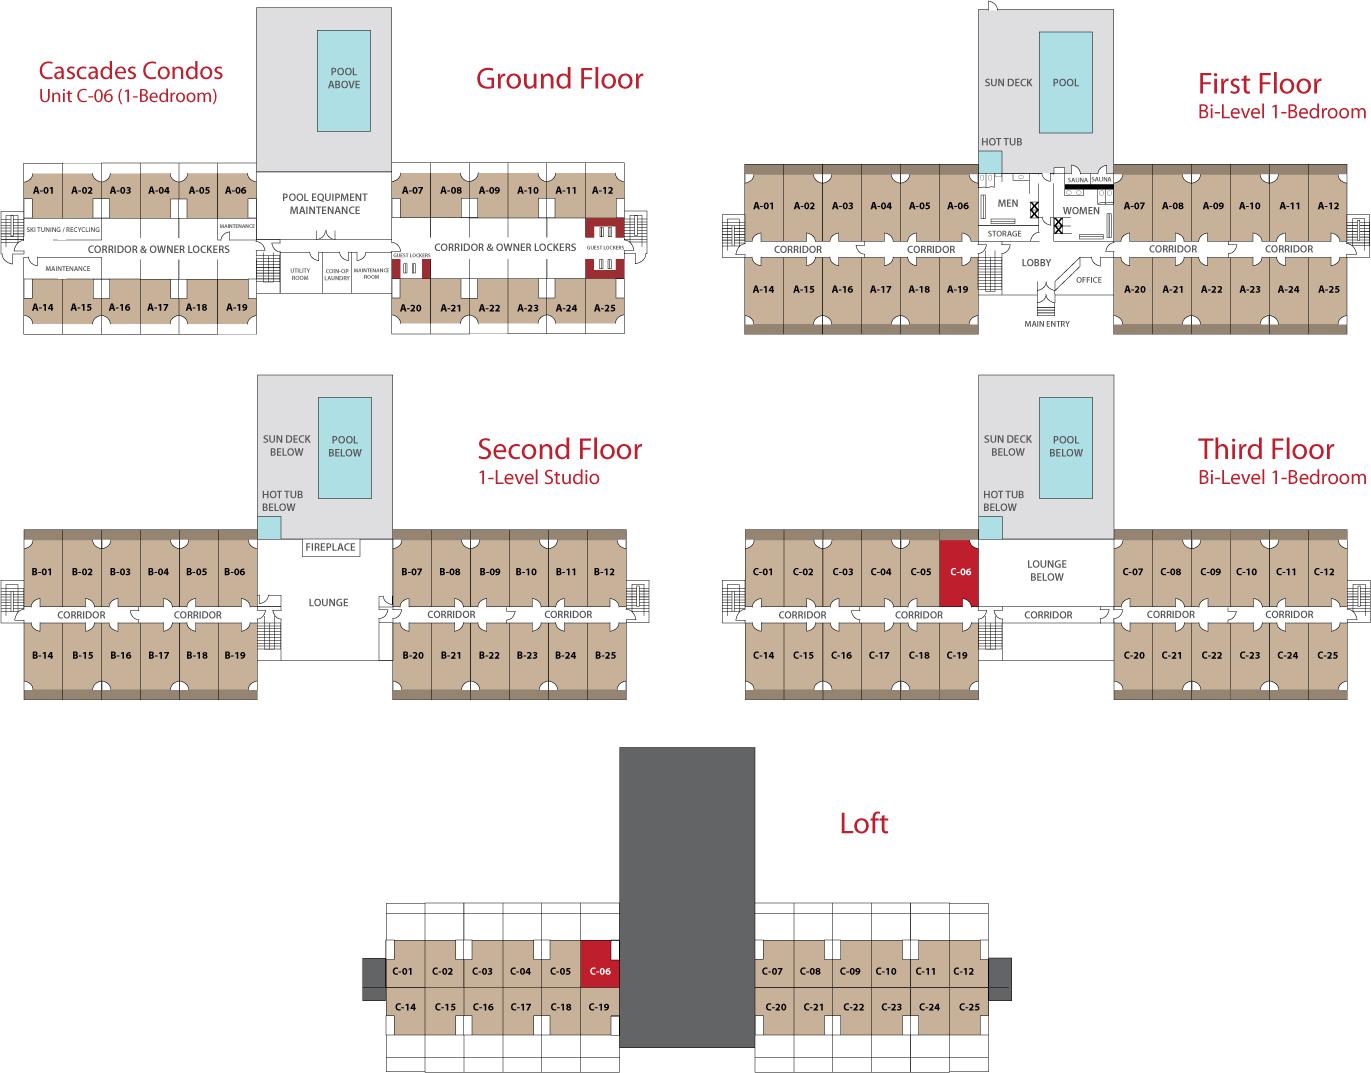 Floor Plan for Sunday River Condo - Cascades C-06